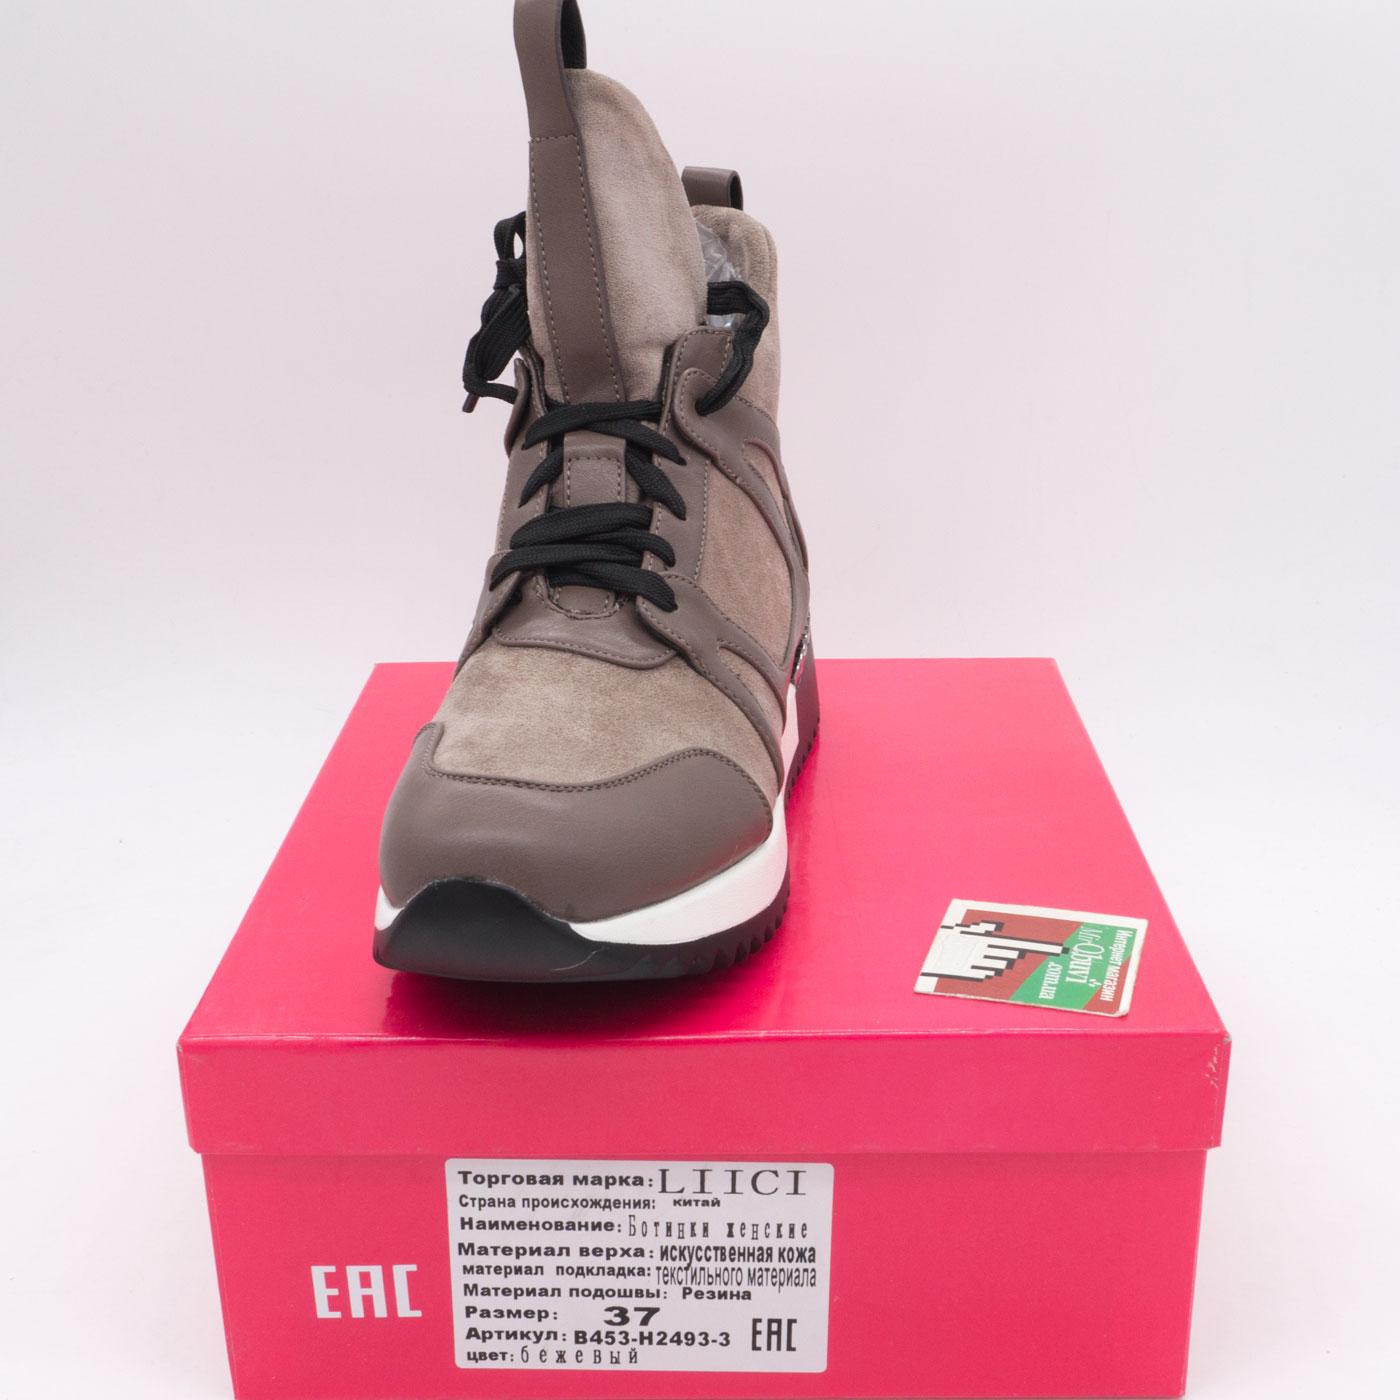 фото front Зимние высокие кроссовки LICCI B453-H2493-3 бежевый front